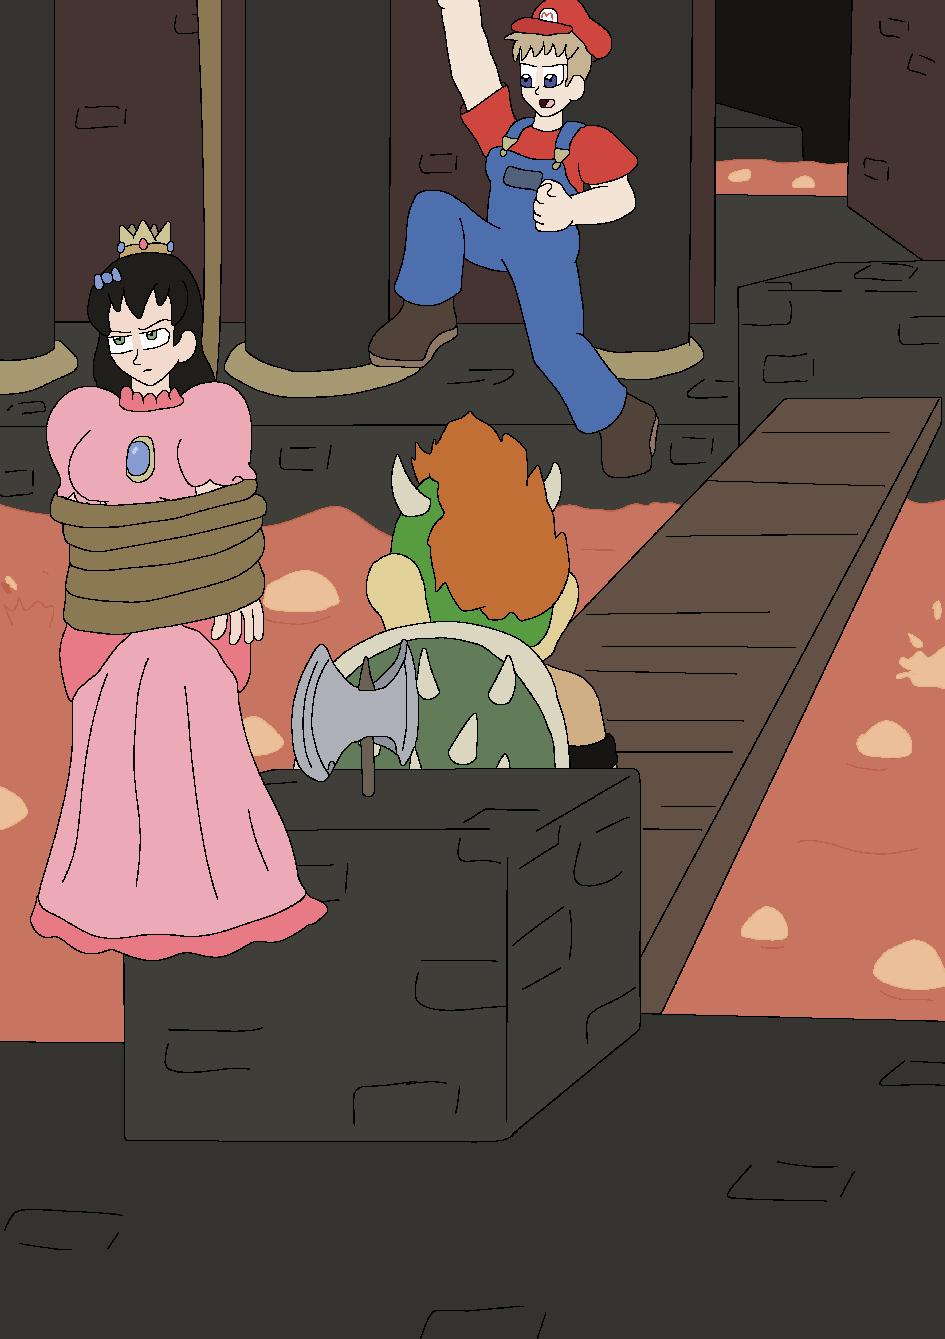 Filler: Saving the Princess